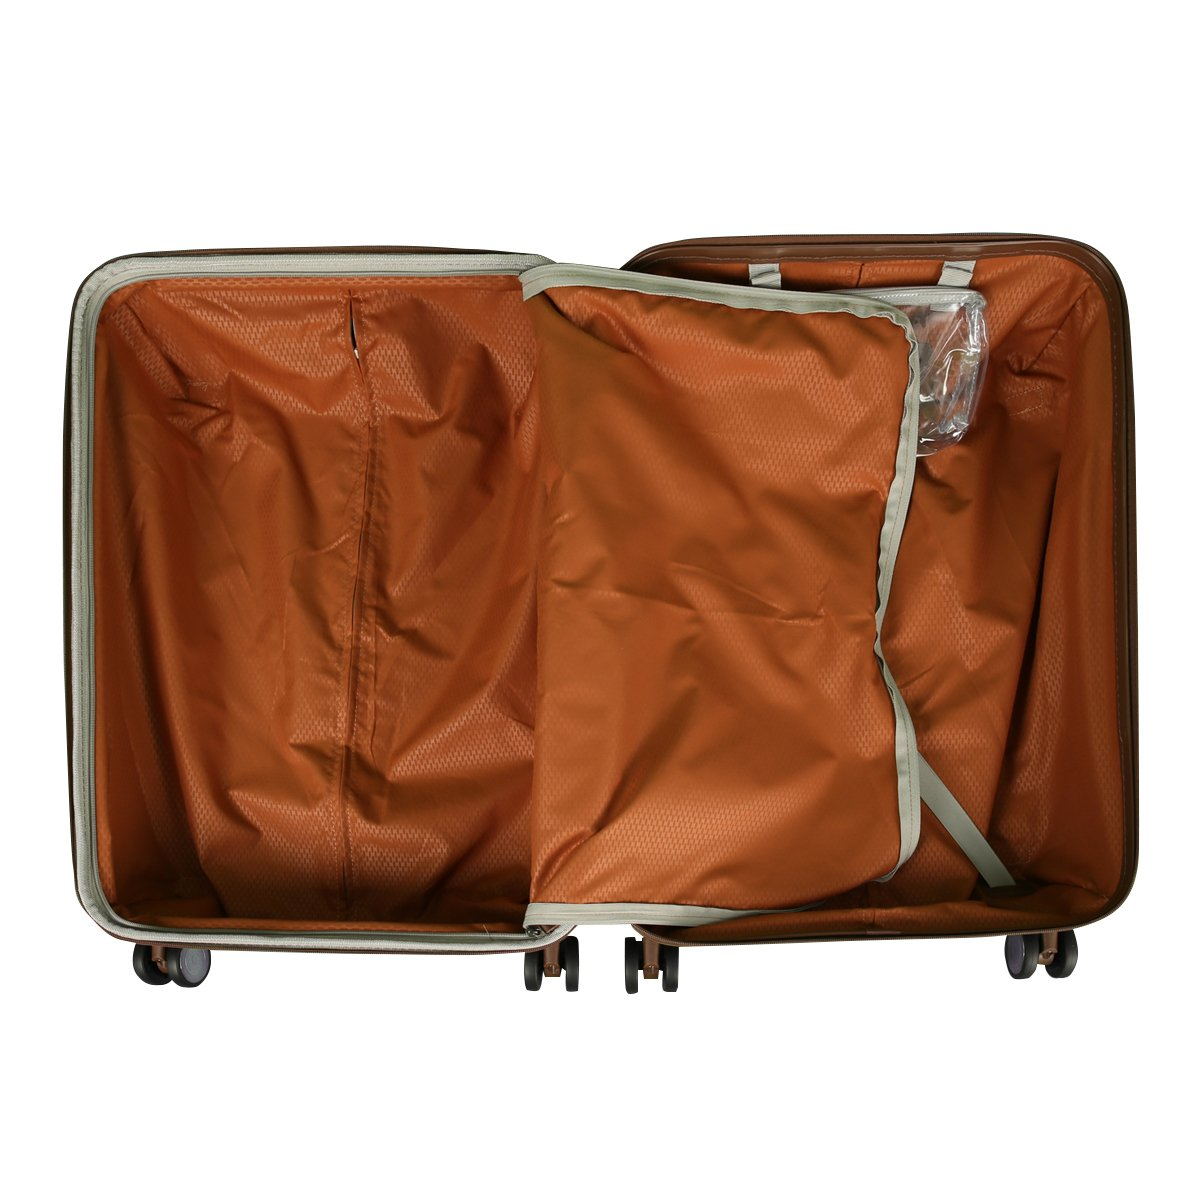 03abf288f4 Amazon.co.jp: デルセー スーツケース DELSEY PROMENADE プロムナード デルセー スーツケース キャリーケース Sサイズ  57.5cm ビジネス 出張 (シルバー01): ホーム& ...